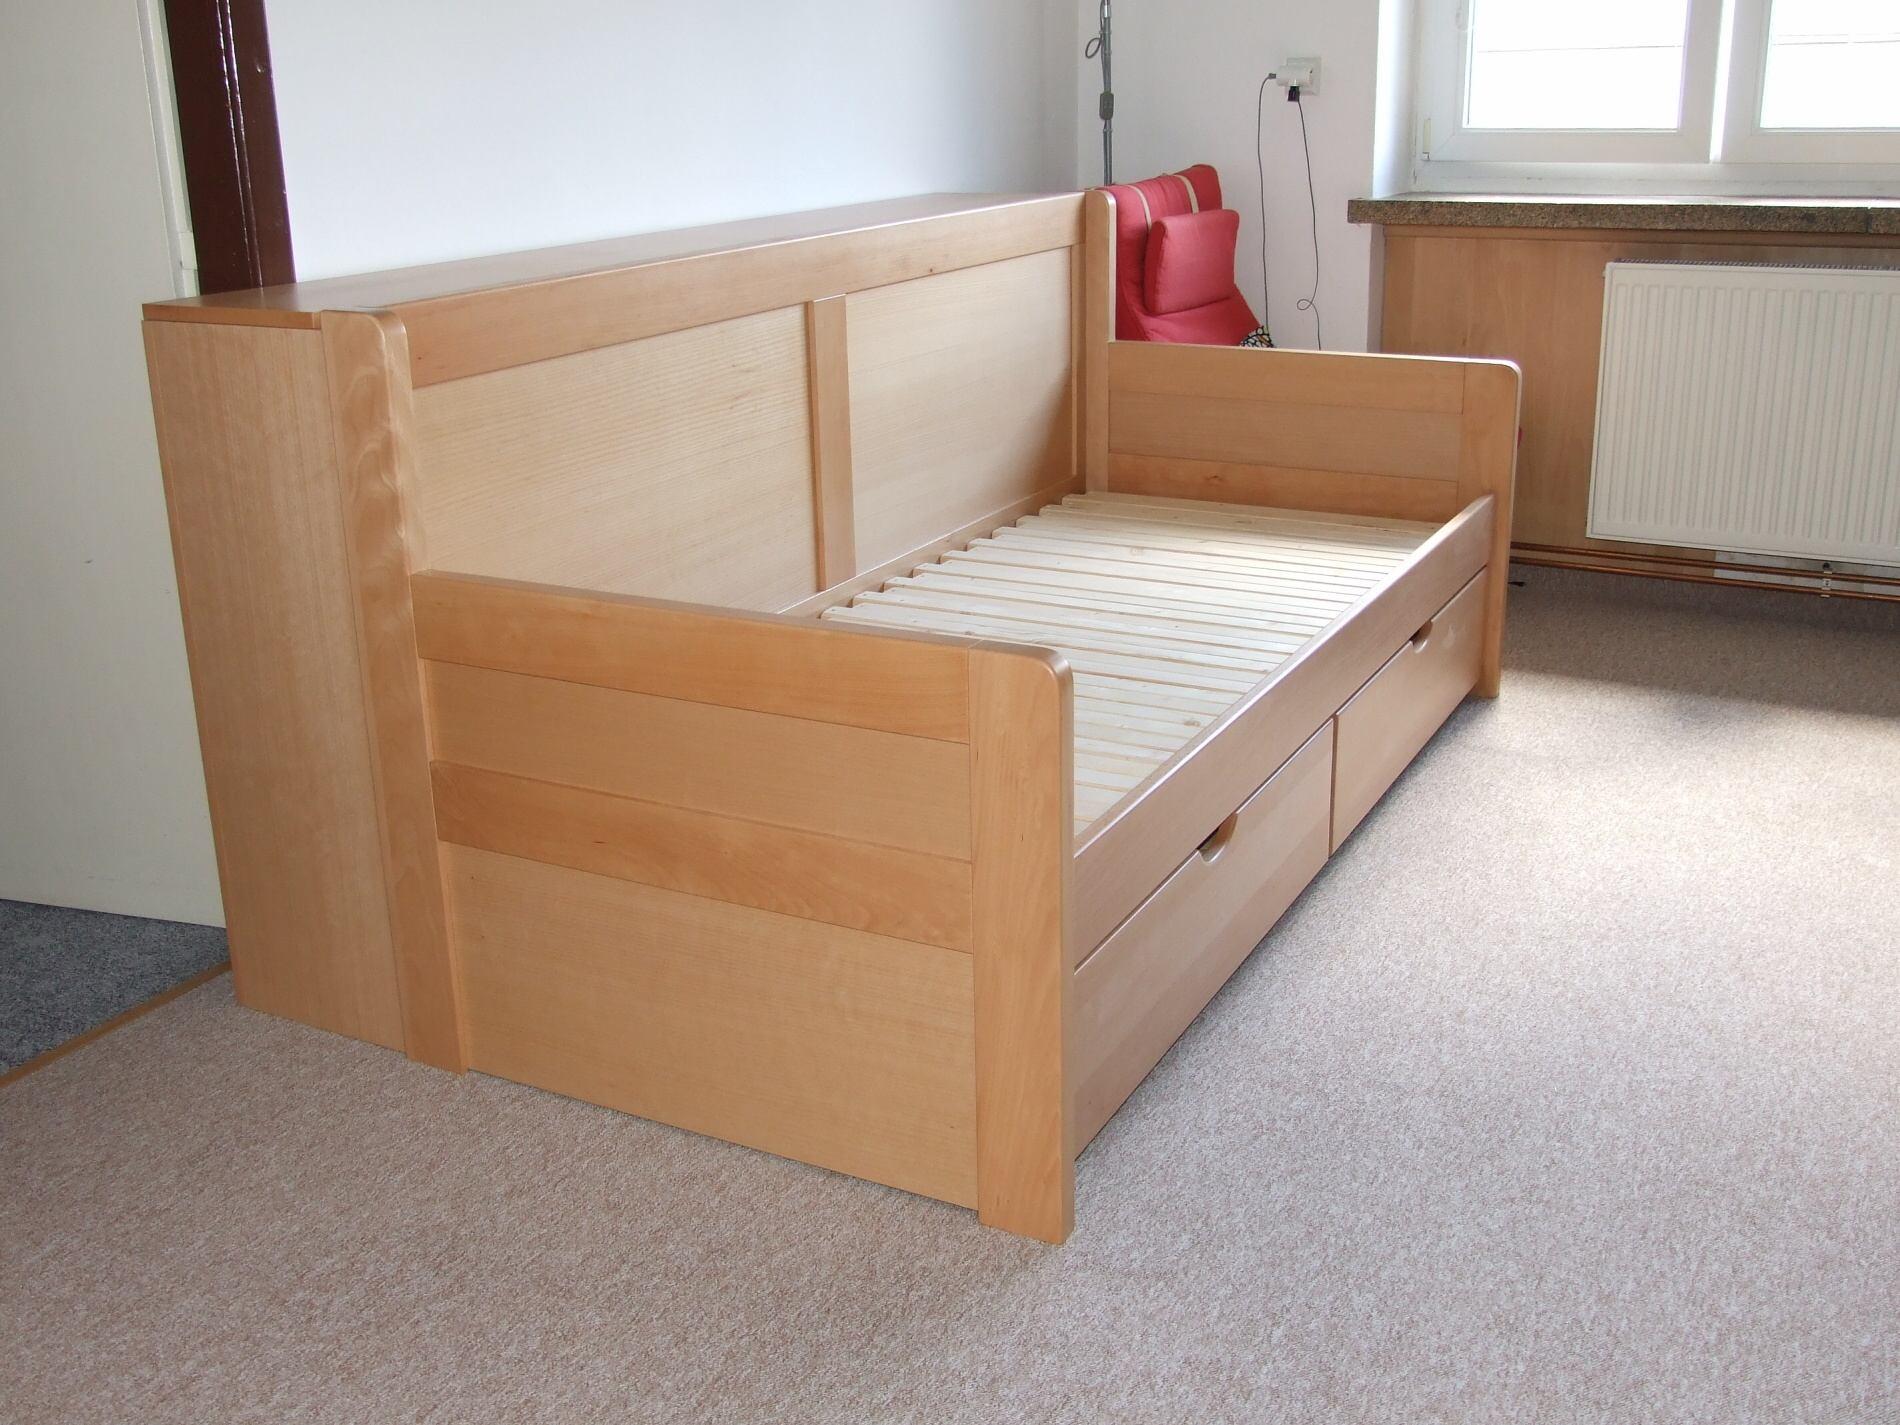 Dřevěná rozkládací postel